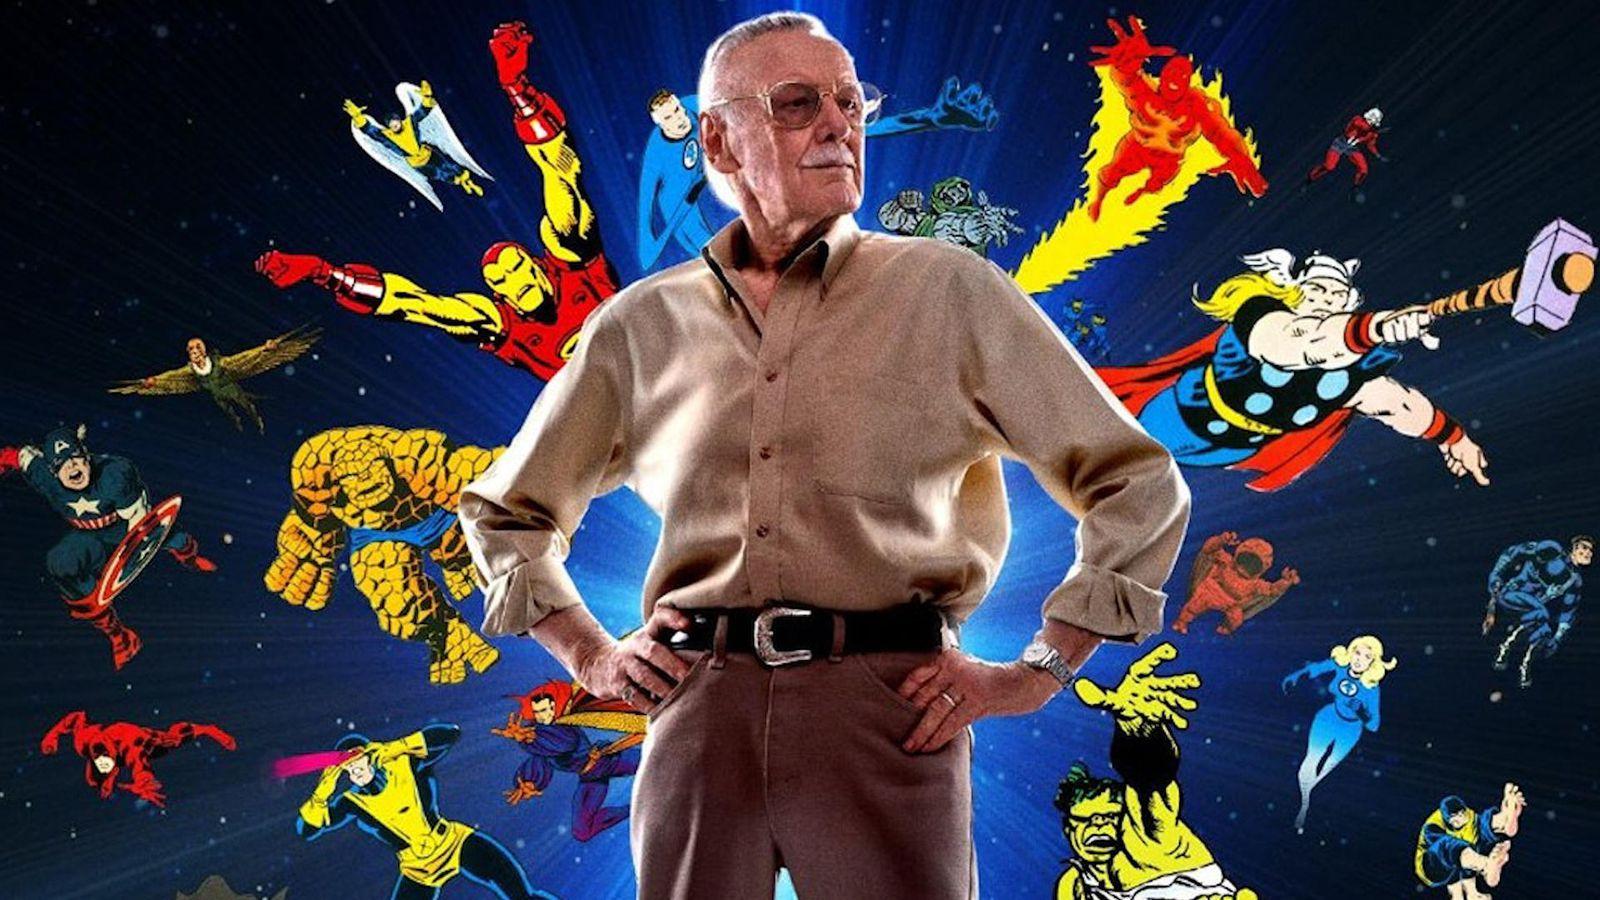 Convertidos en mitos, los superhéroes de Stan Lee tienen el futuro garantizado